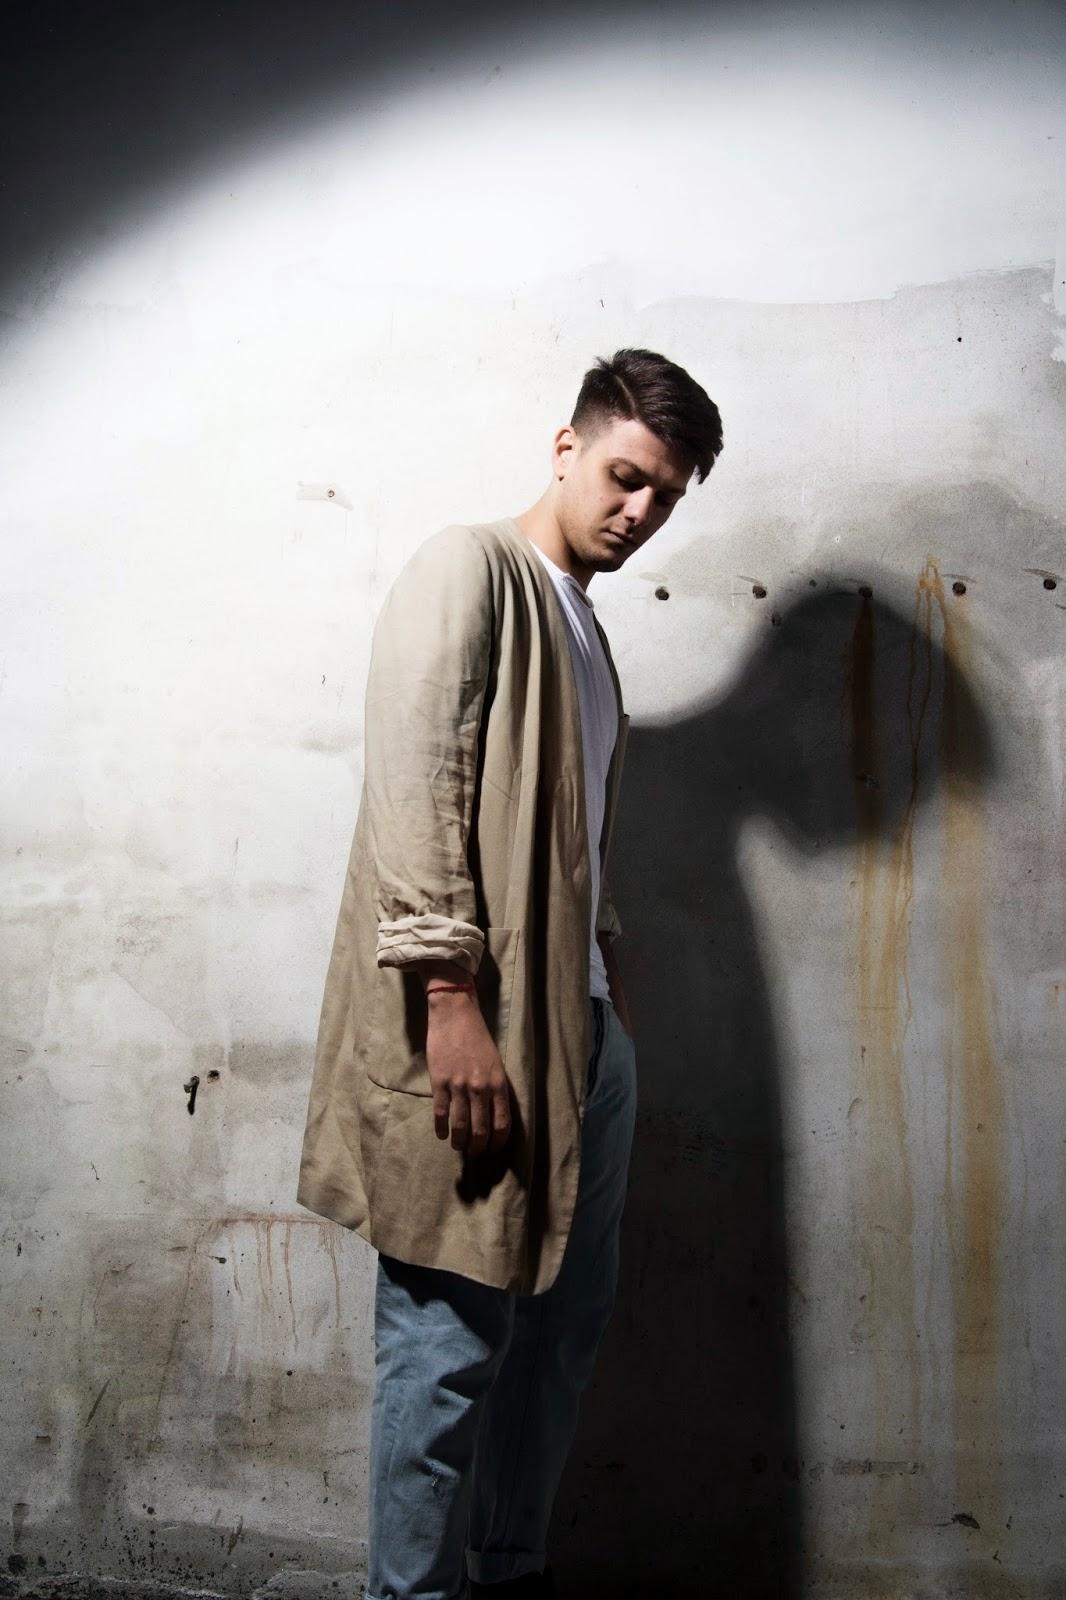 martin margiela viktor&rolf giorgio armani, outfit, stile. bon ton, male model, fashionblogger